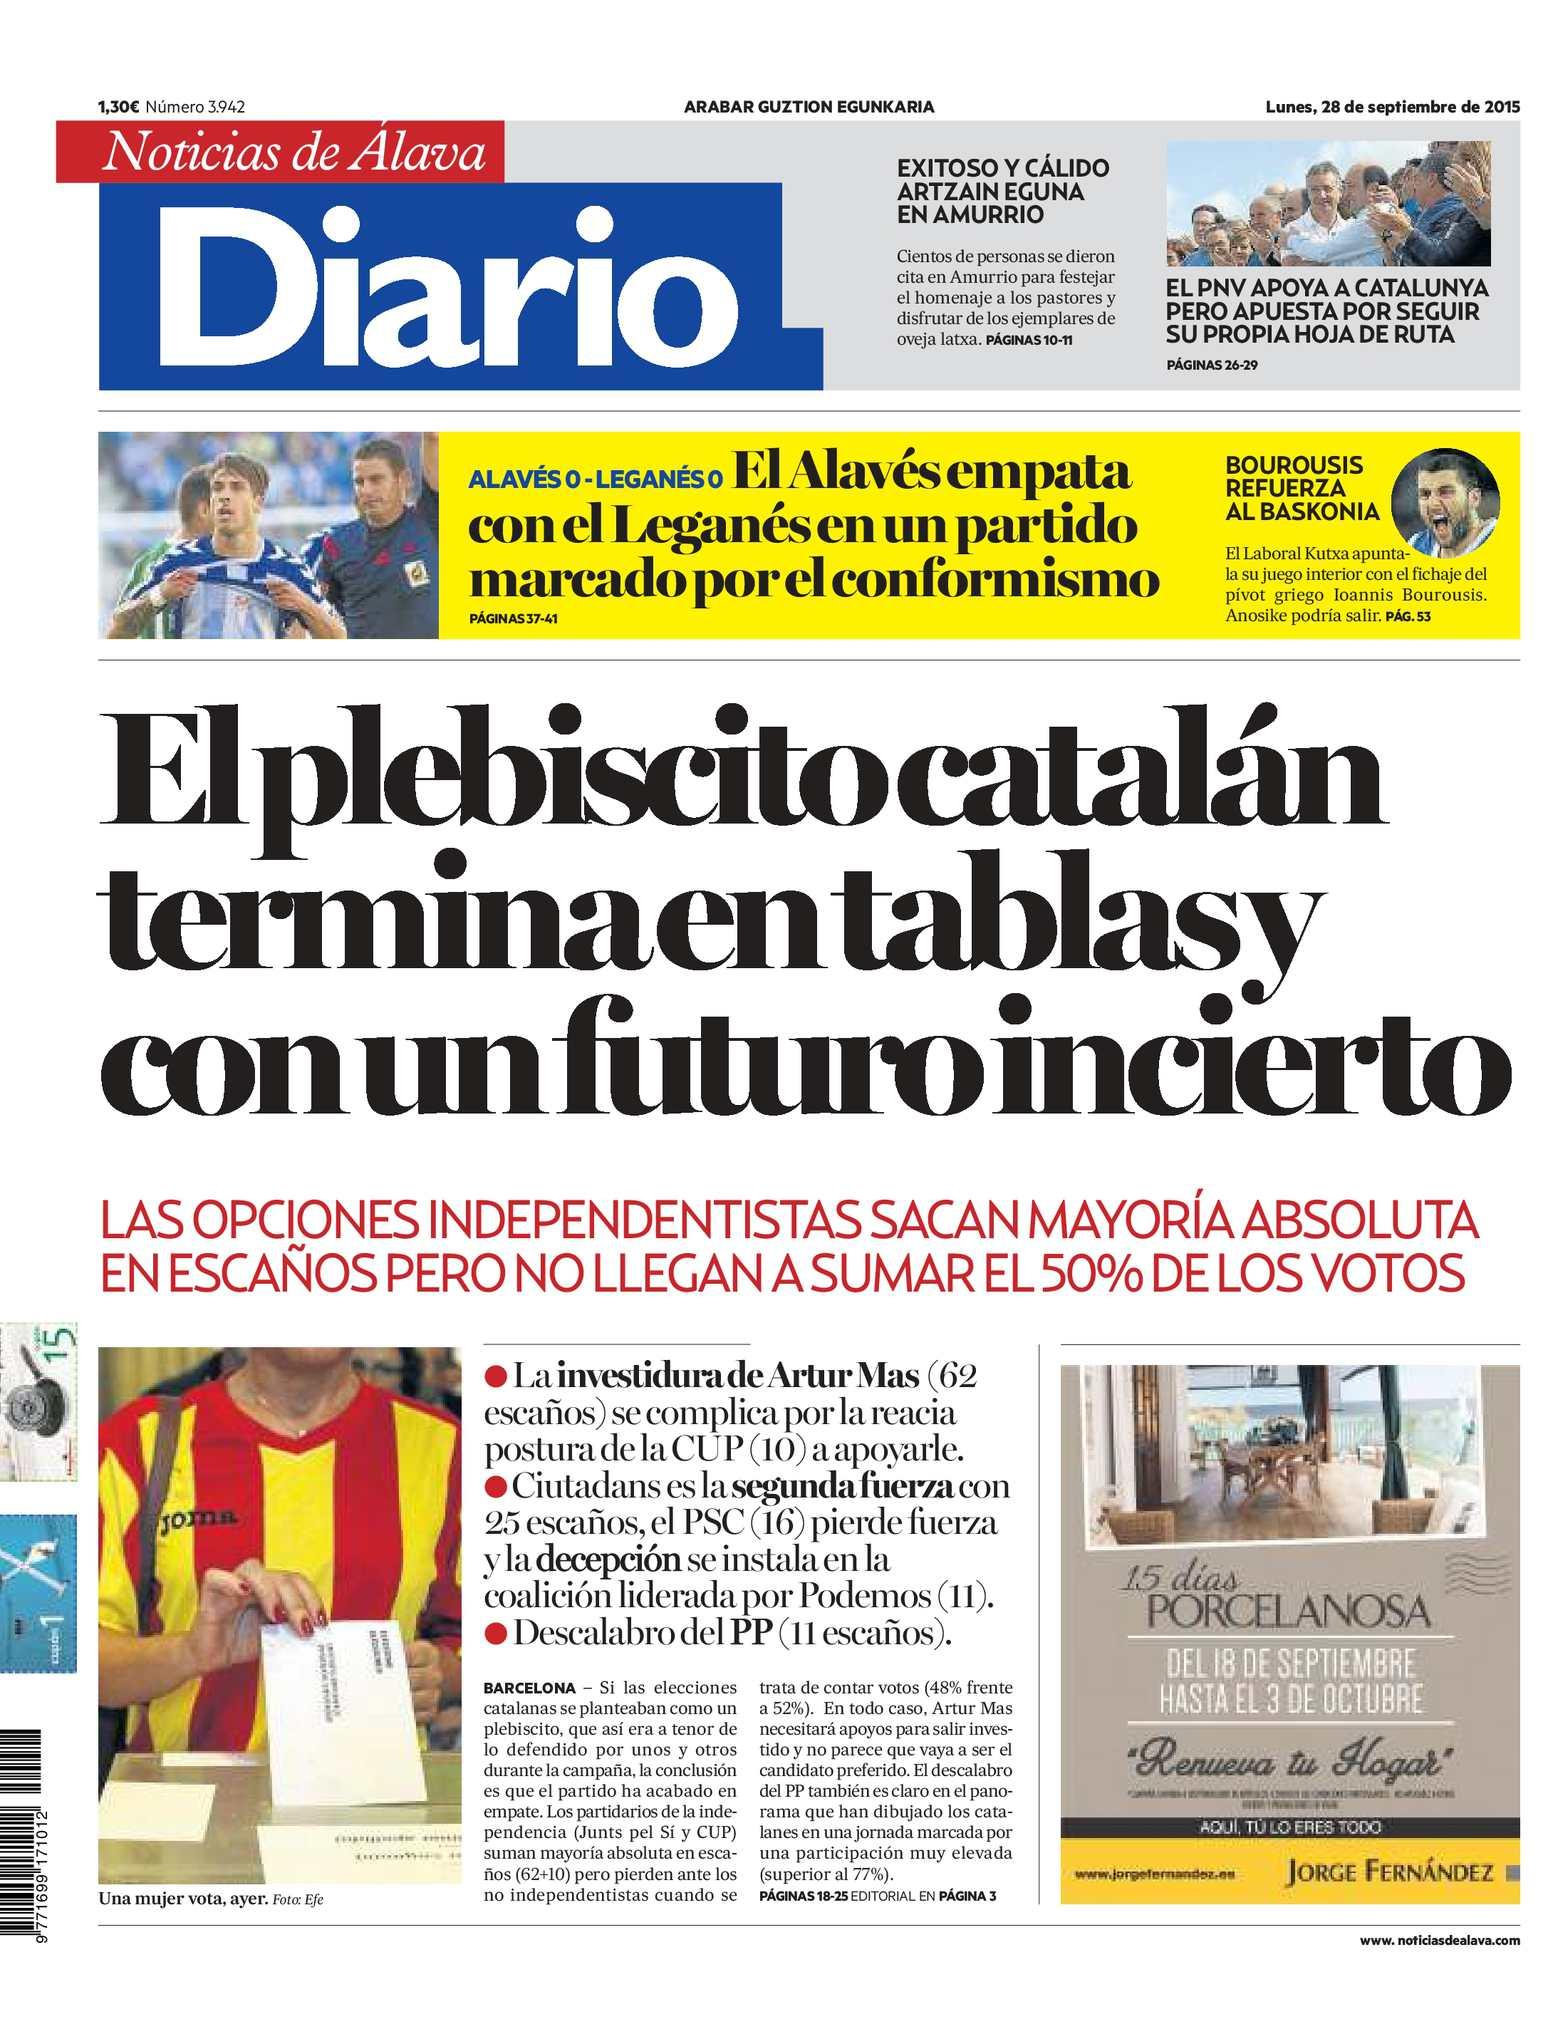 Calaméo - Diario de Noticias de Álava 20150928 0c7b612a2406